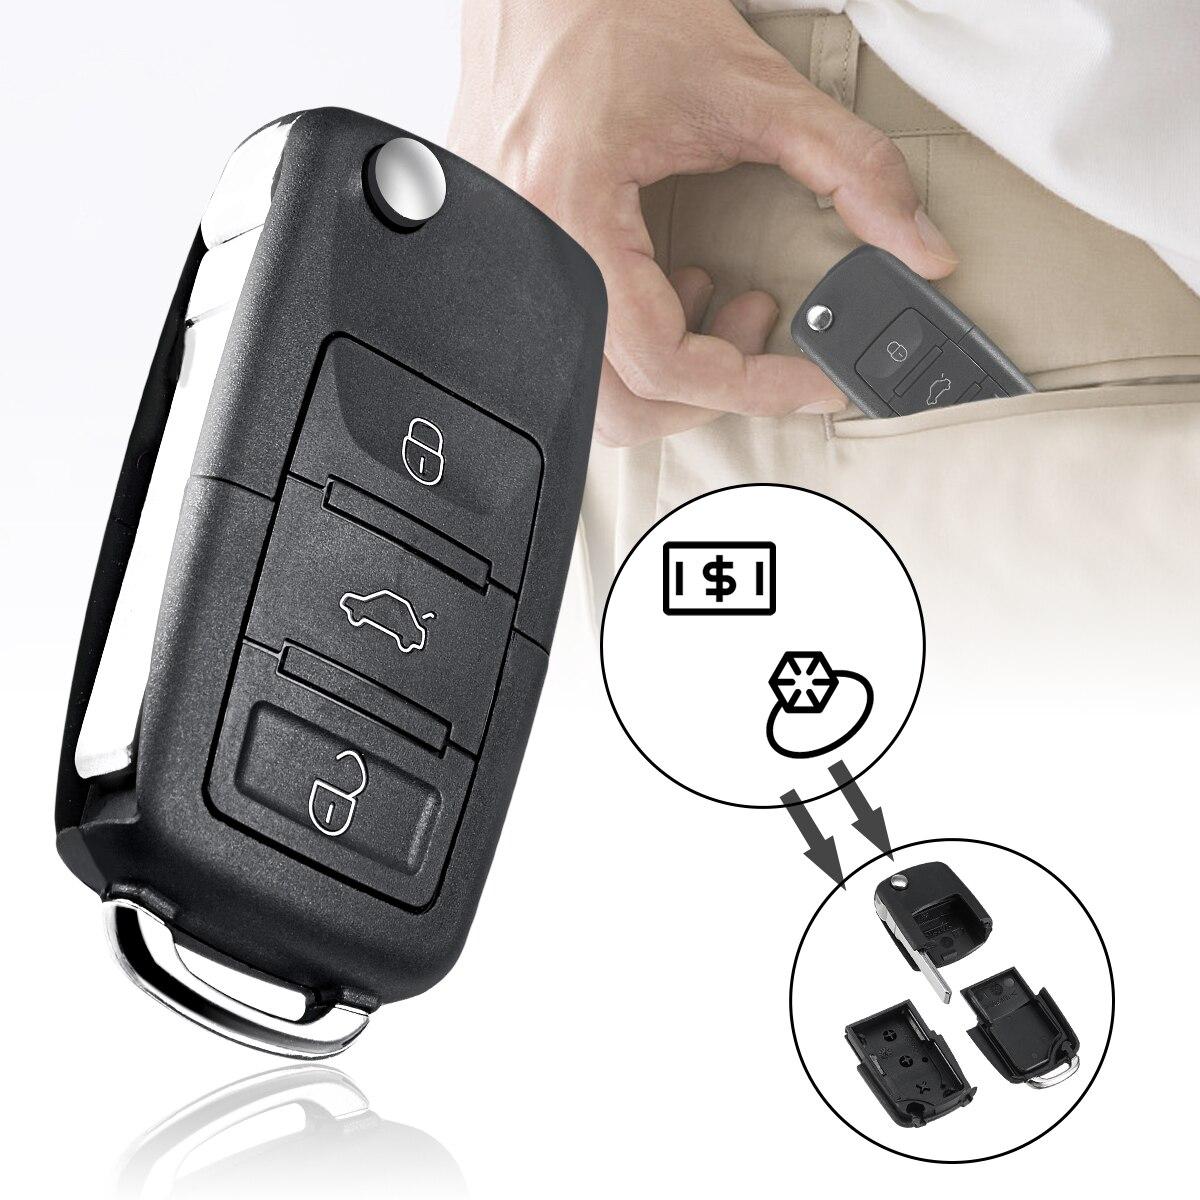 Klucz samochodowy bezpieczny przedział pojemnik tajny ukryj Hollow Stash narzędzie etui na kluczyki samochodowe przenośny bezpieczny pojemnik do przechowywania kluczy